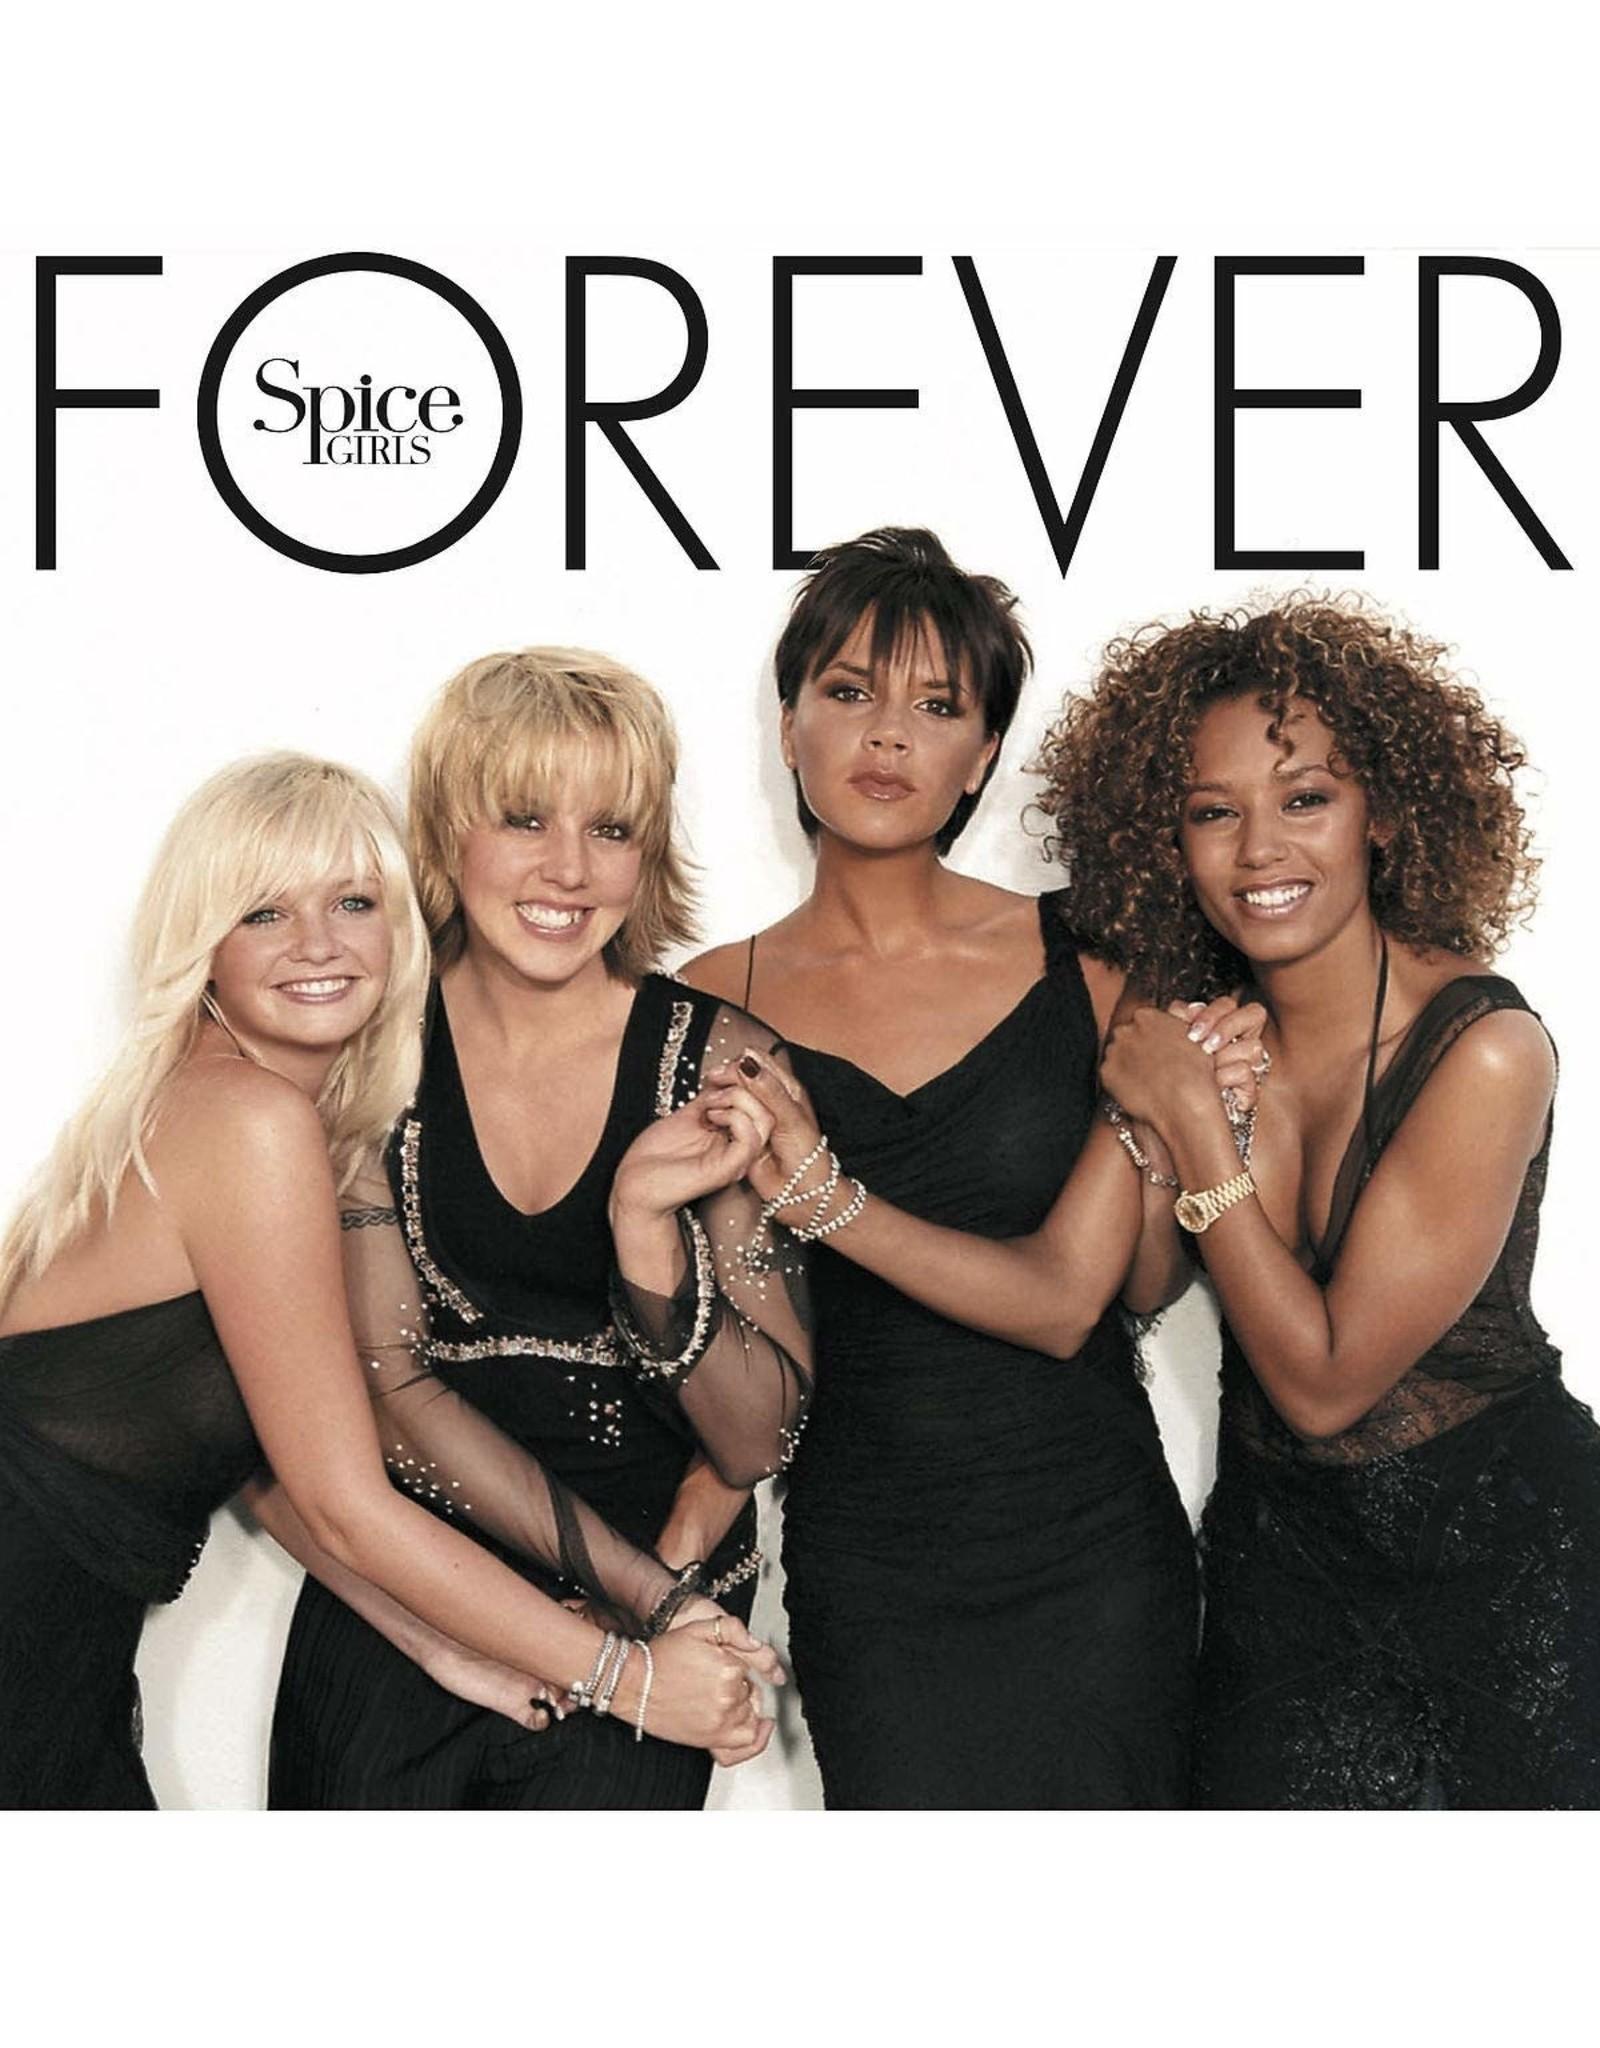 spice-girls-forever-deluxe-edition.jpg